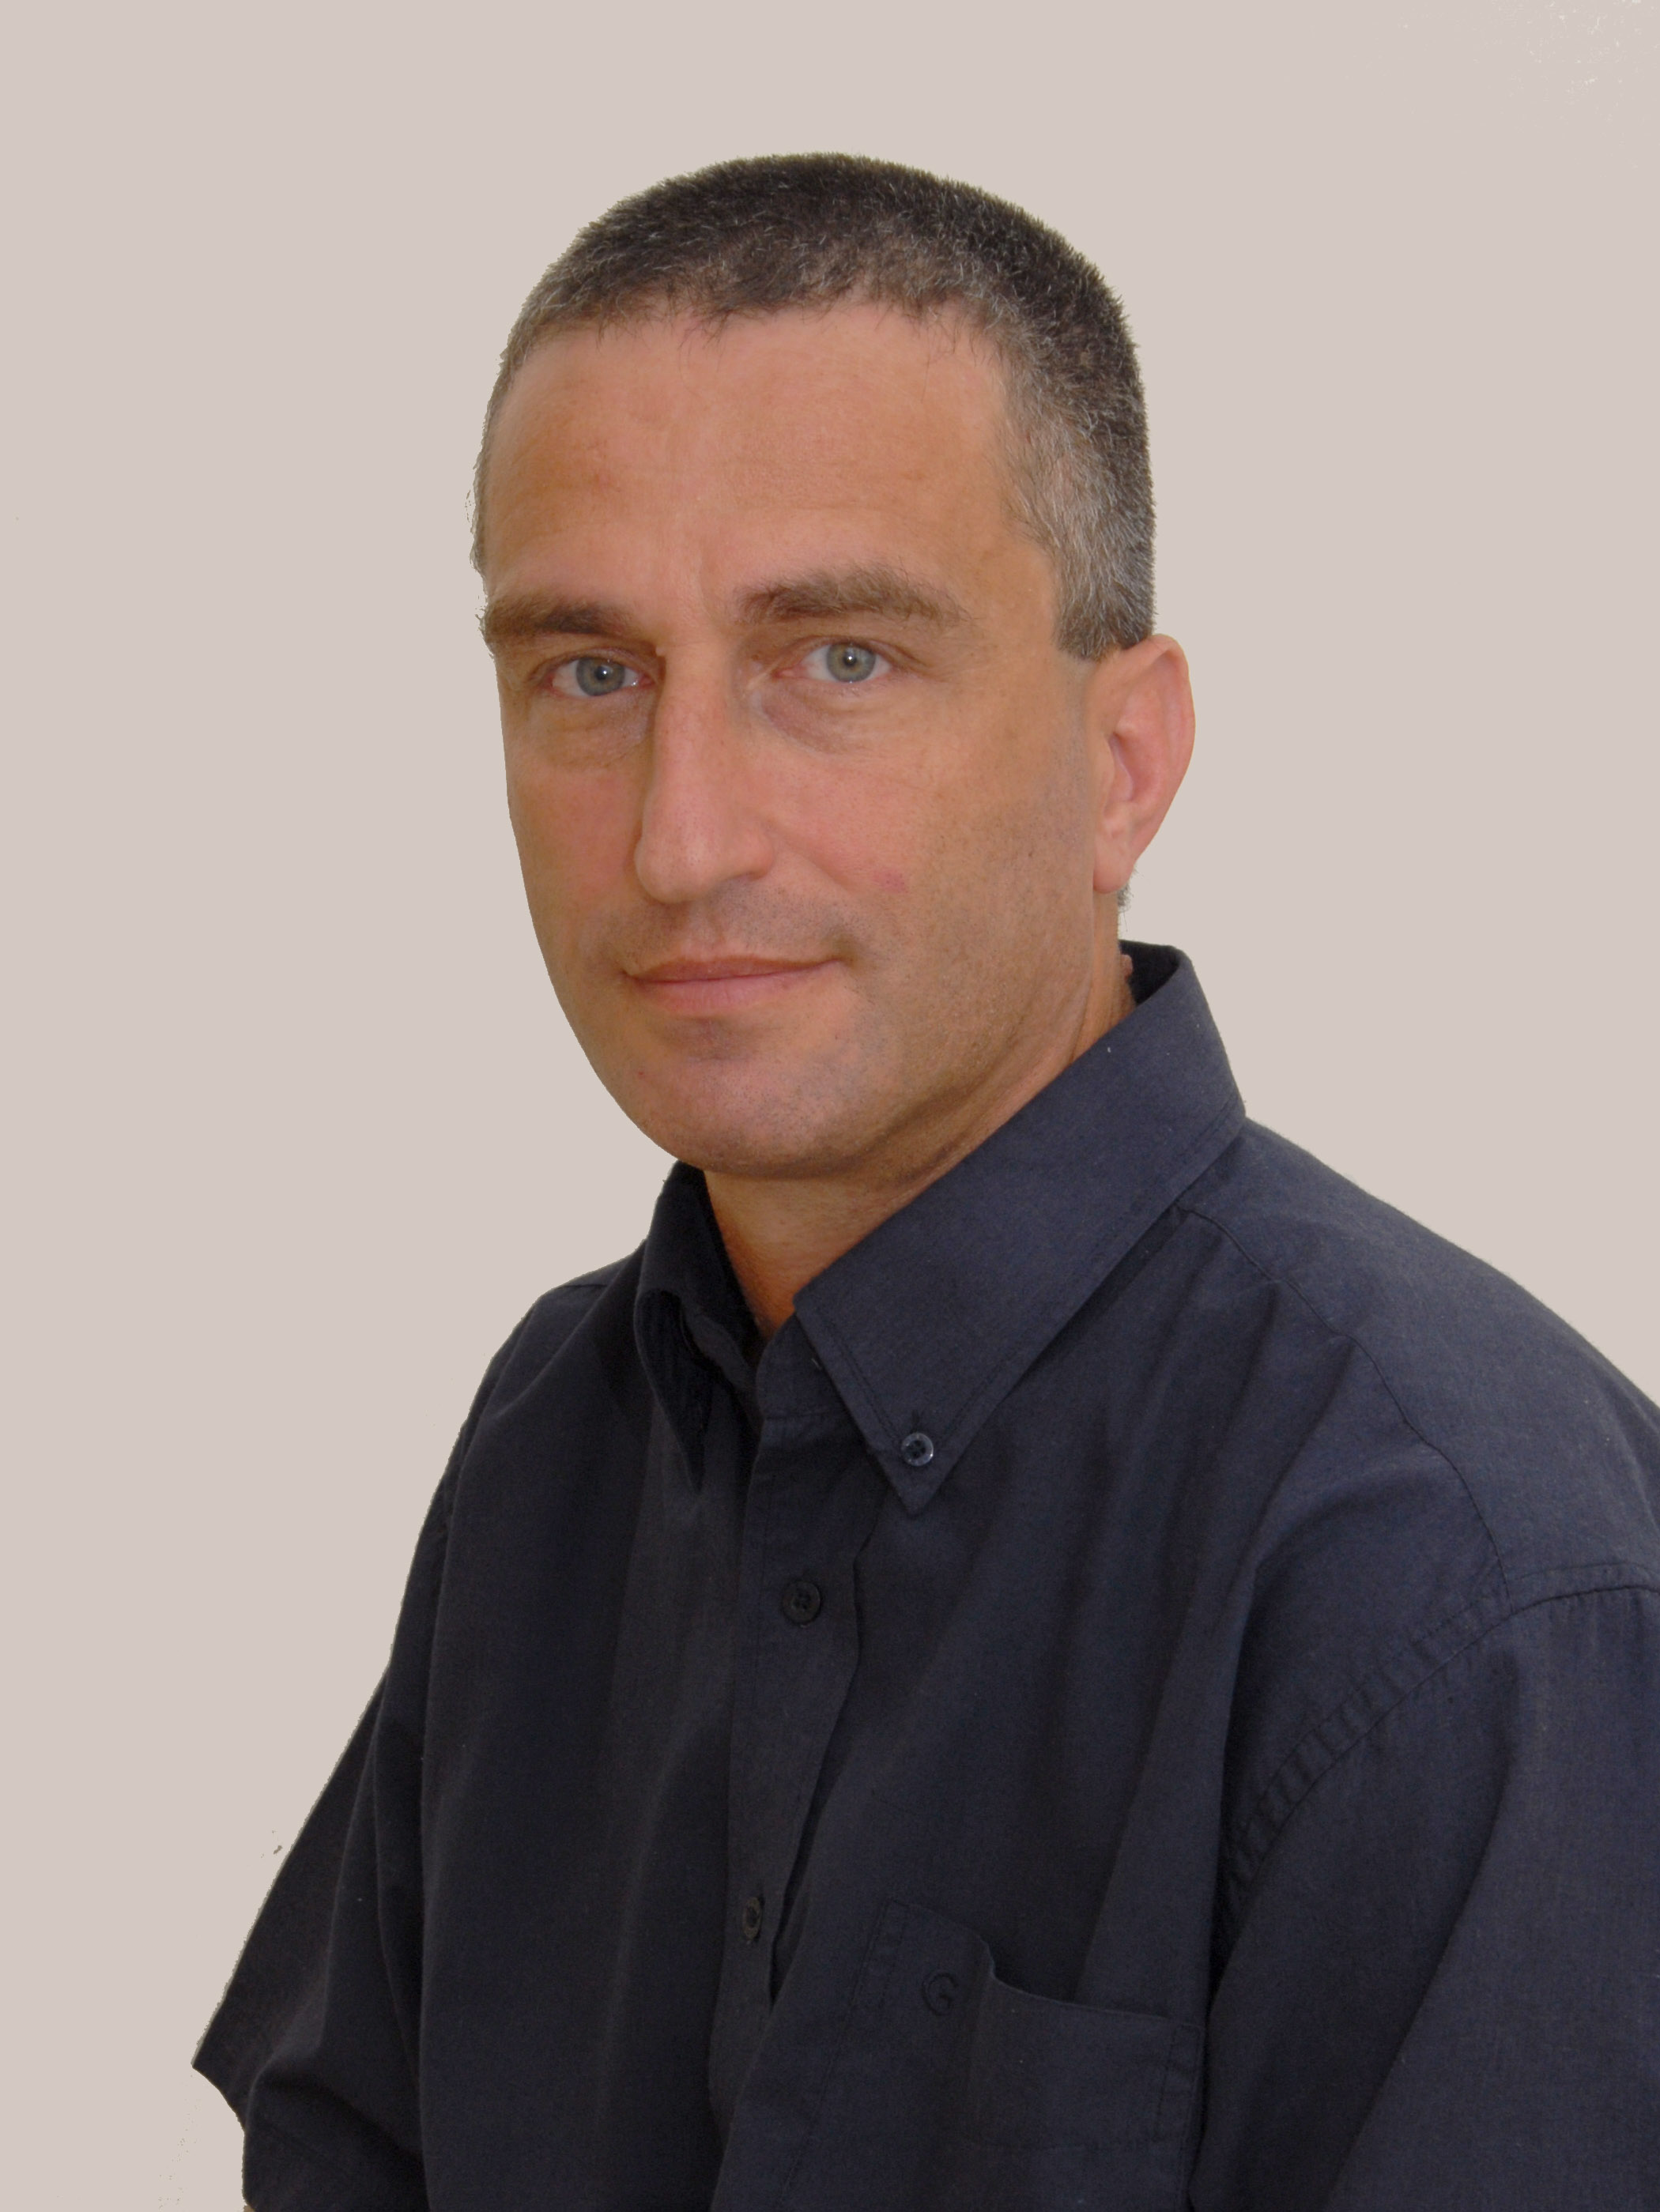 דוקטור מיכאל כהן - תמונת פרופיל